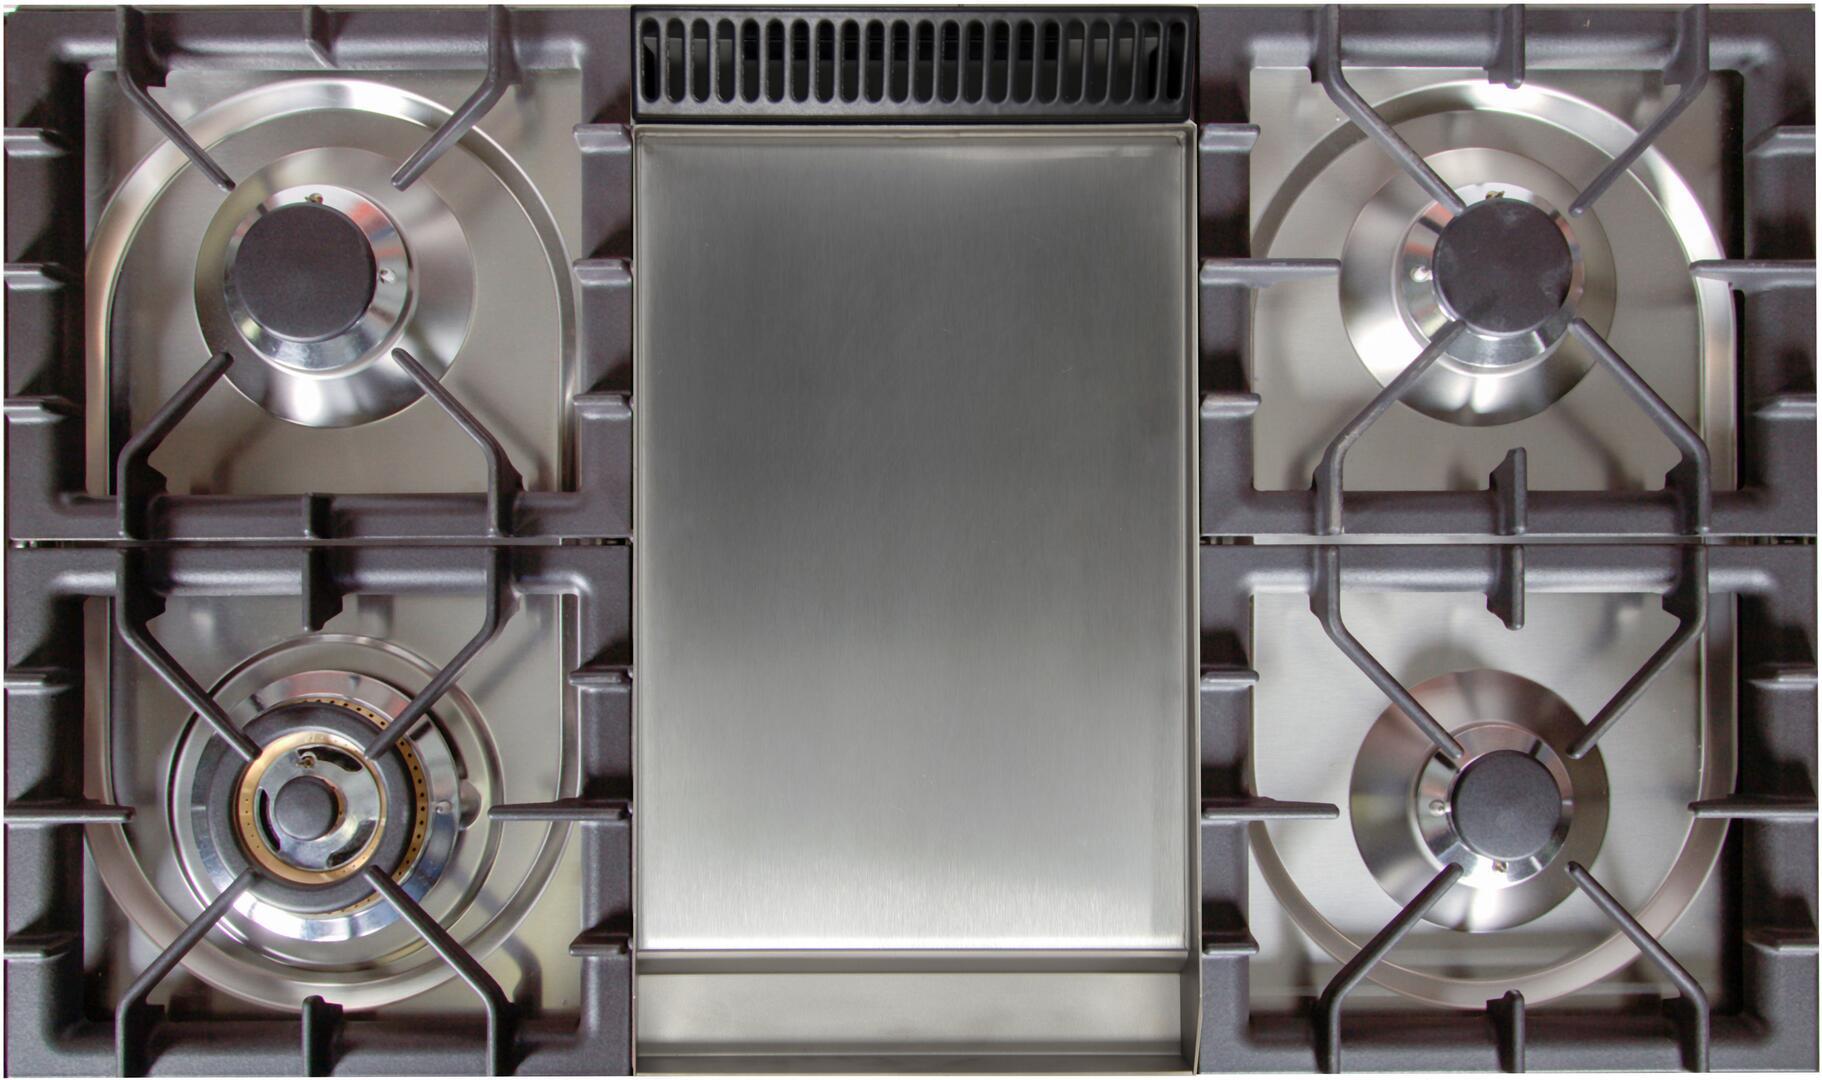 Ilve Nostalgie UPN90FDMPBL Freestanding Dual Fuel Range Blue, Cooktop with Griddle